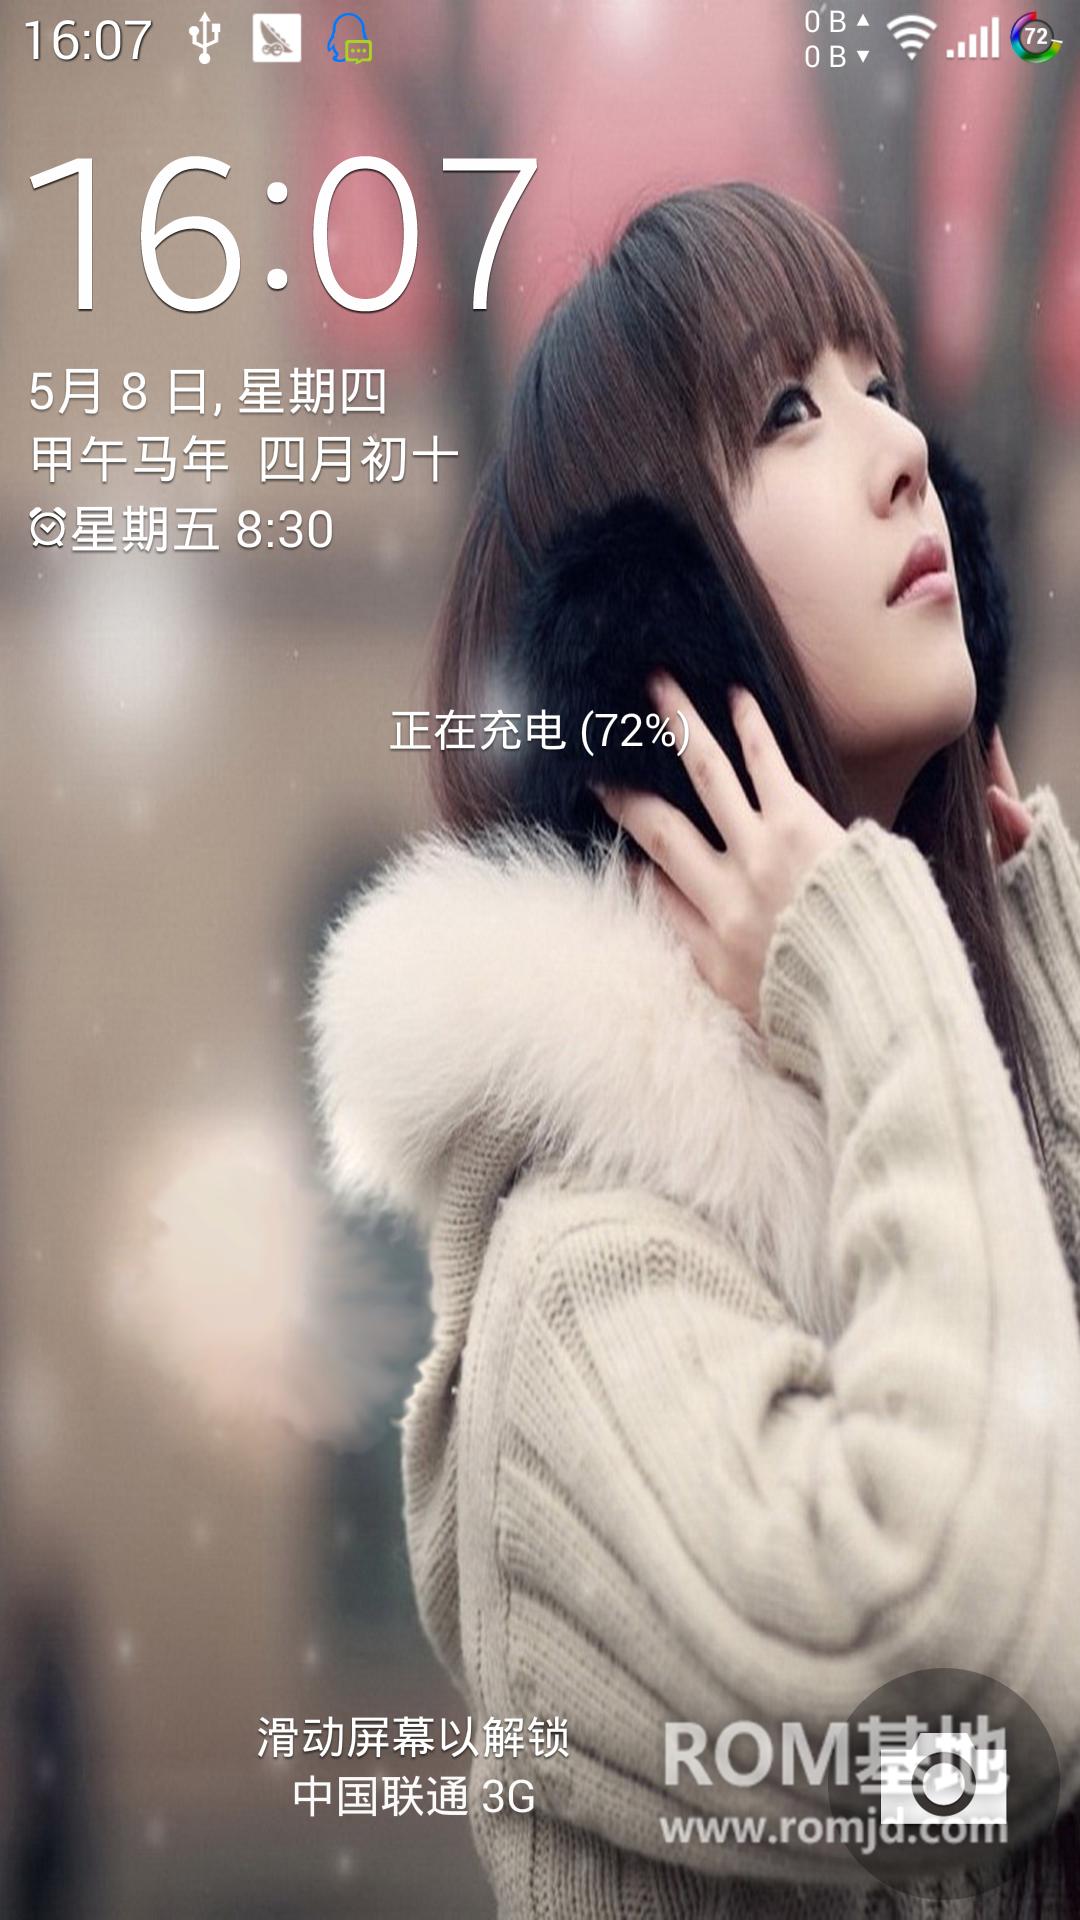 【HOLD】小白_ 三星 N900 刷机包 XXUDND2_V8.0极度流畅+稳定版ROM刷机包下载